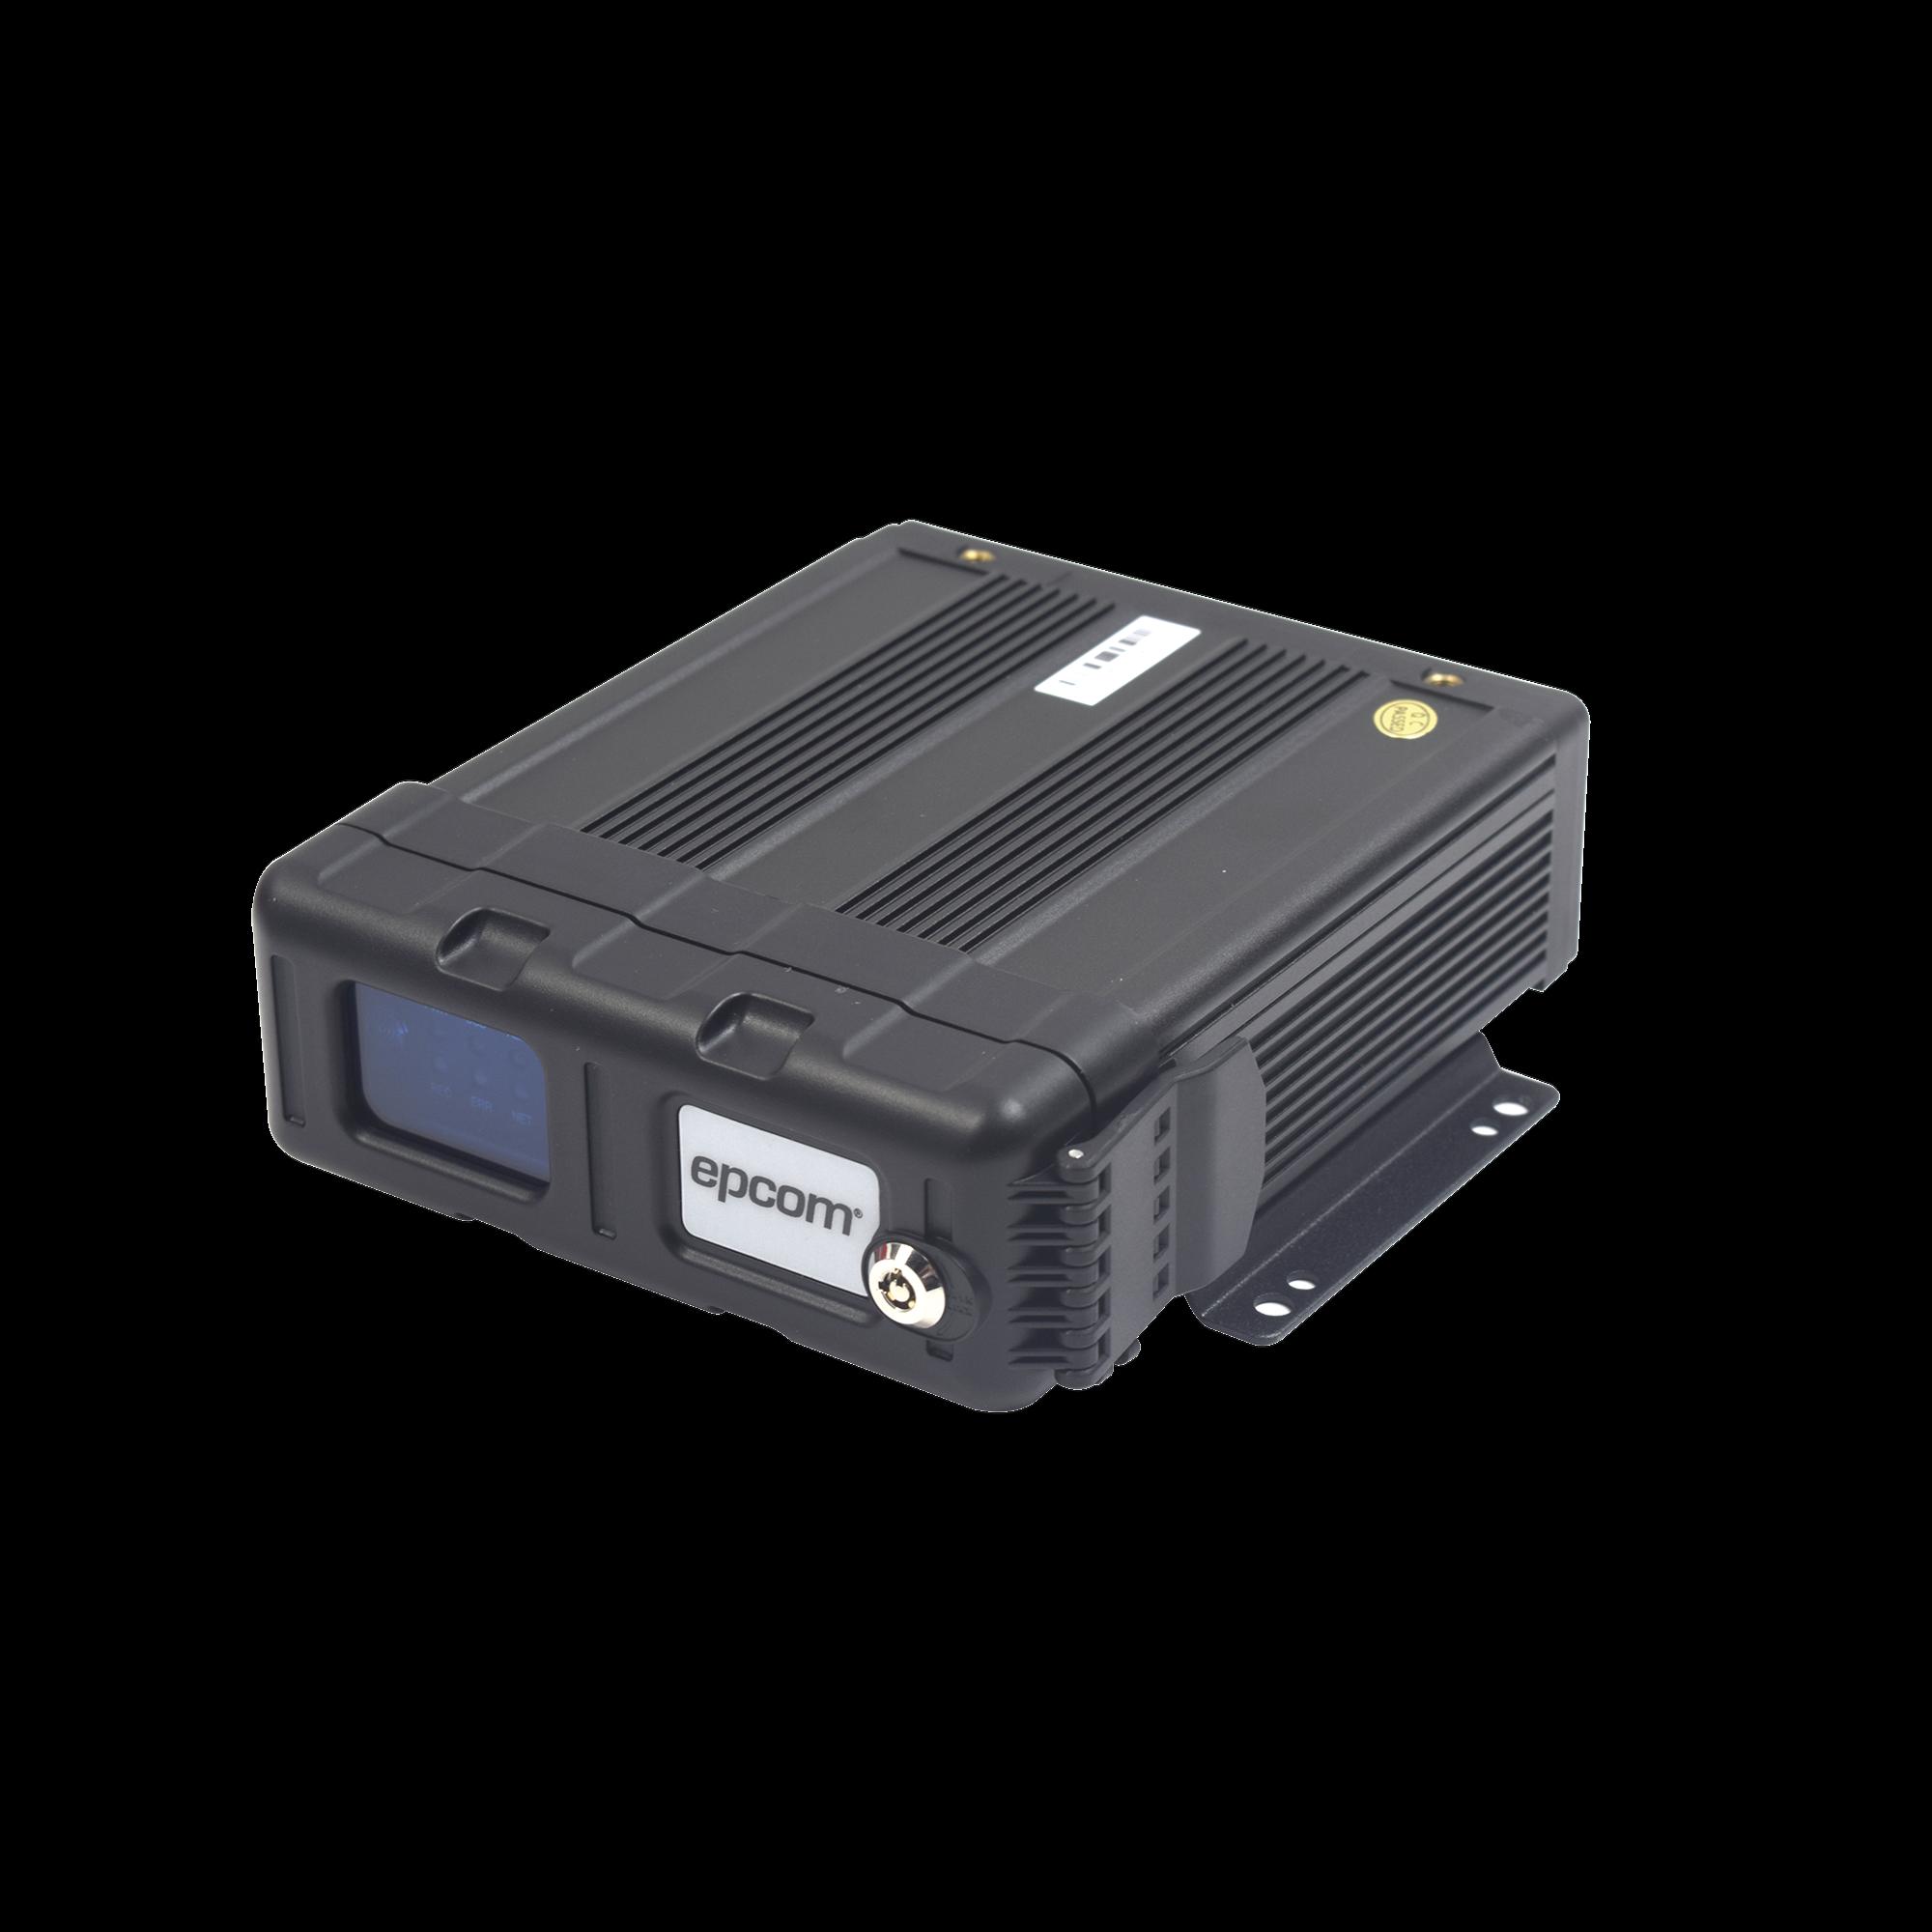 DVR móvil tribrido / no soporta transmisión de vídeo remota / almacenamiento en memoria SD / 4 canales AHD hasta 2MP + 1 canal IP hasta 2MP / compresión de vídeo H.265 /